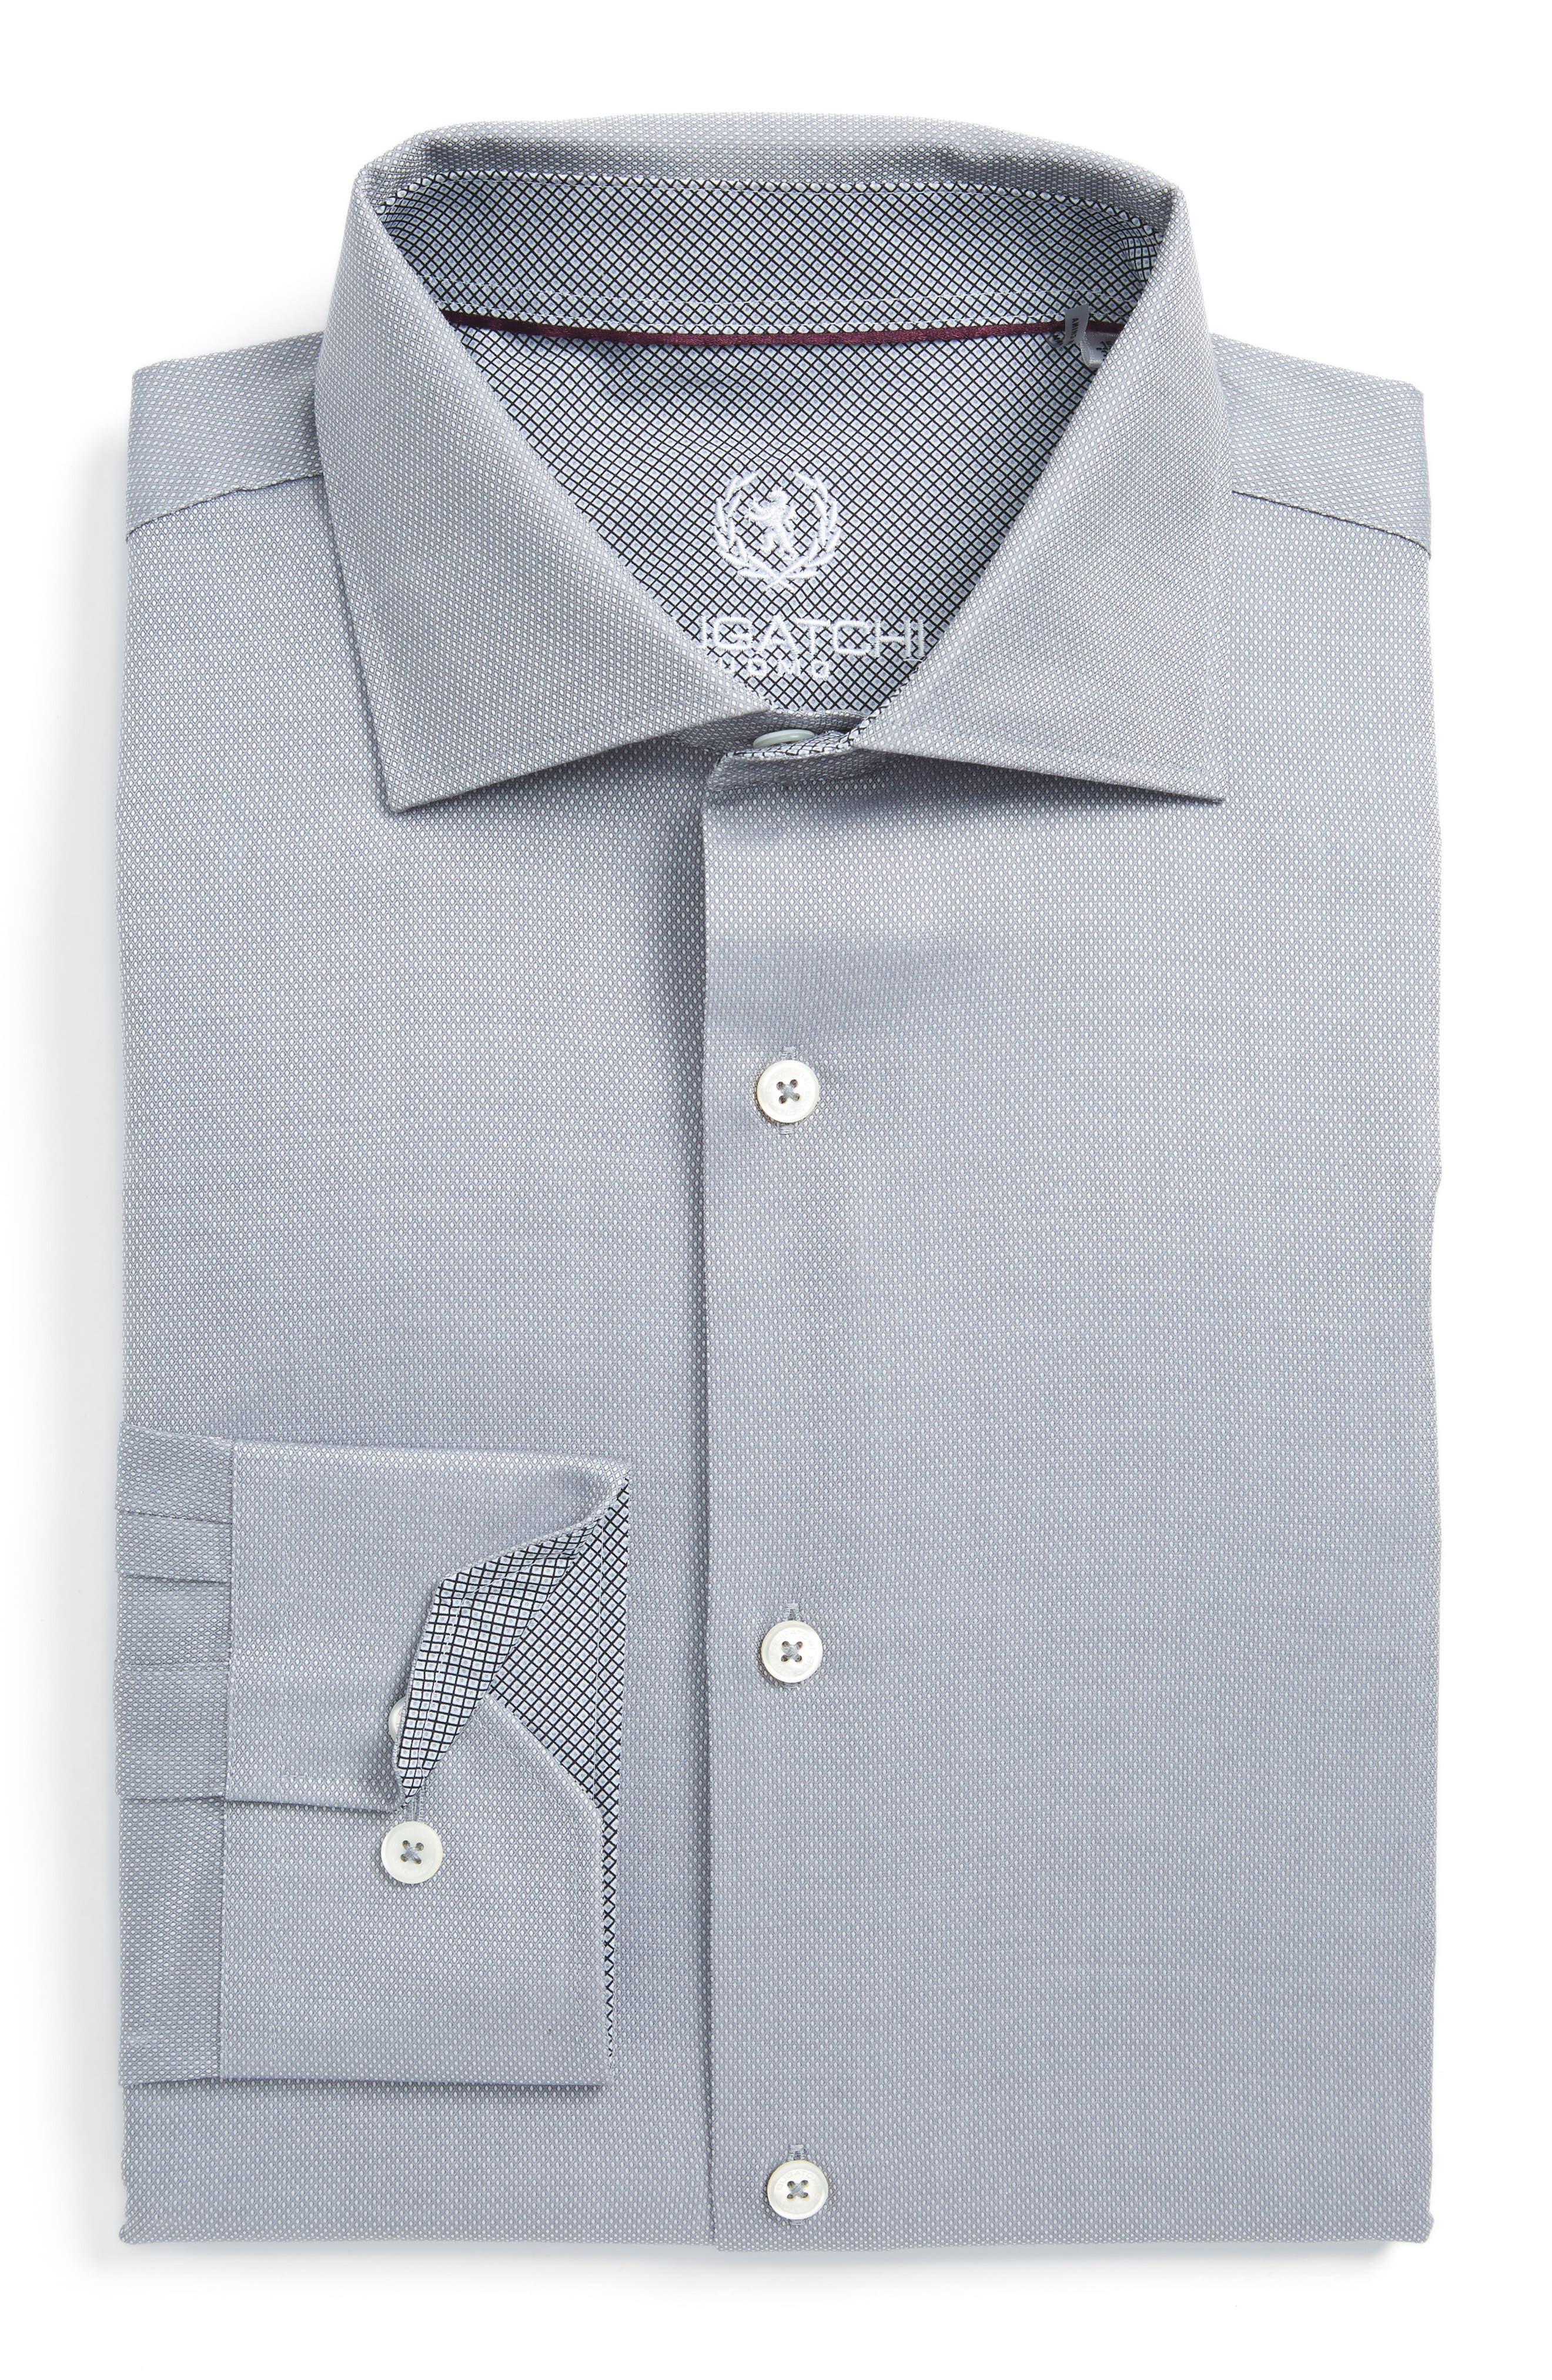 Trim Fit Solid Dress Shirt,                         Main,                         color, Platinum